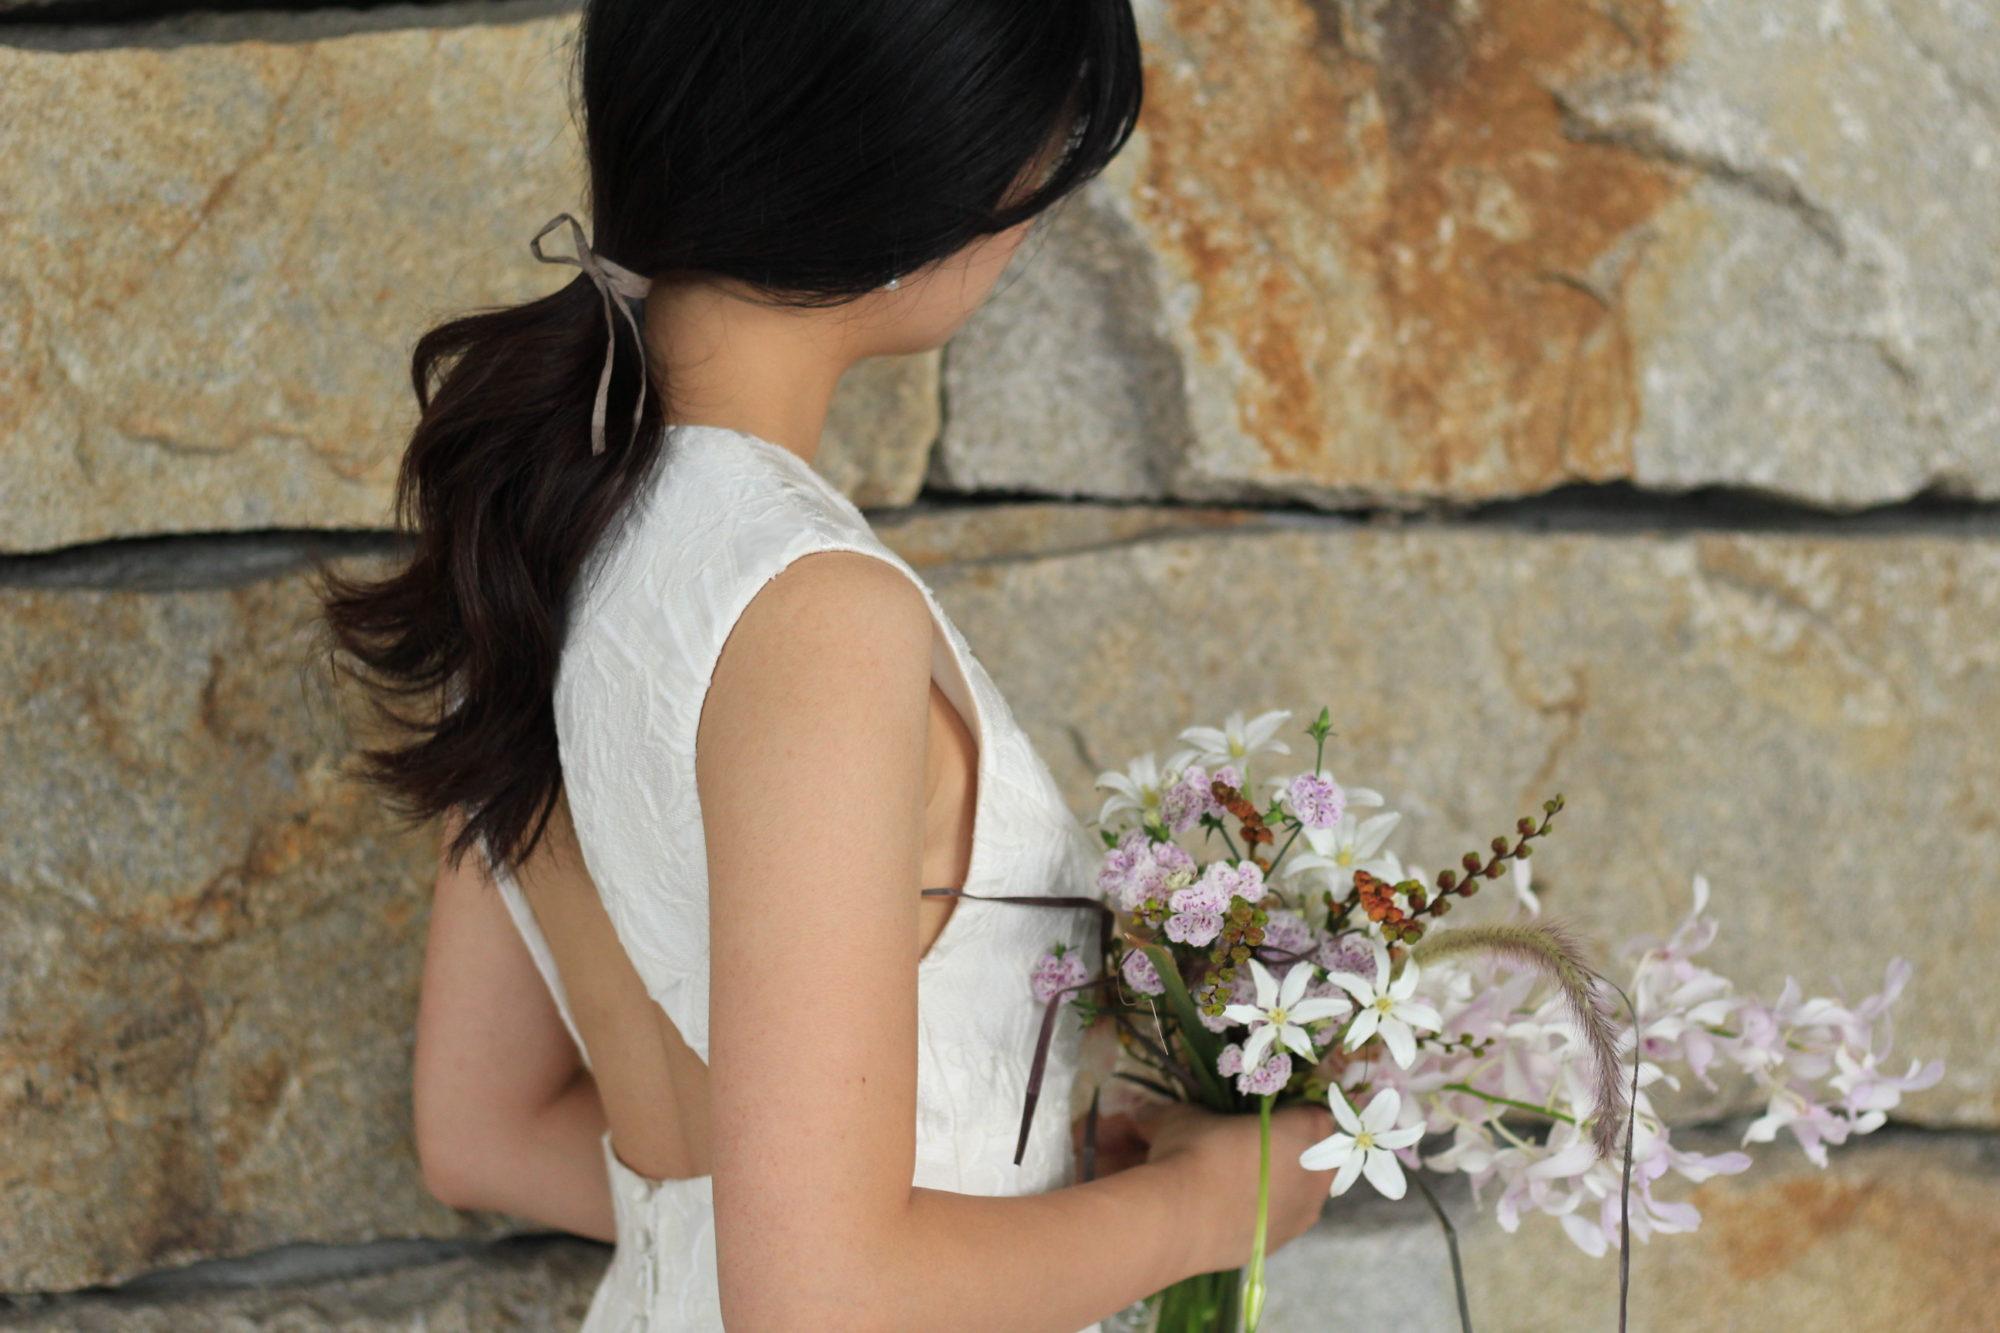 おしゃれな花嫁様におすすめのナチュラルなブーケとヘアスタイルのコーディネート